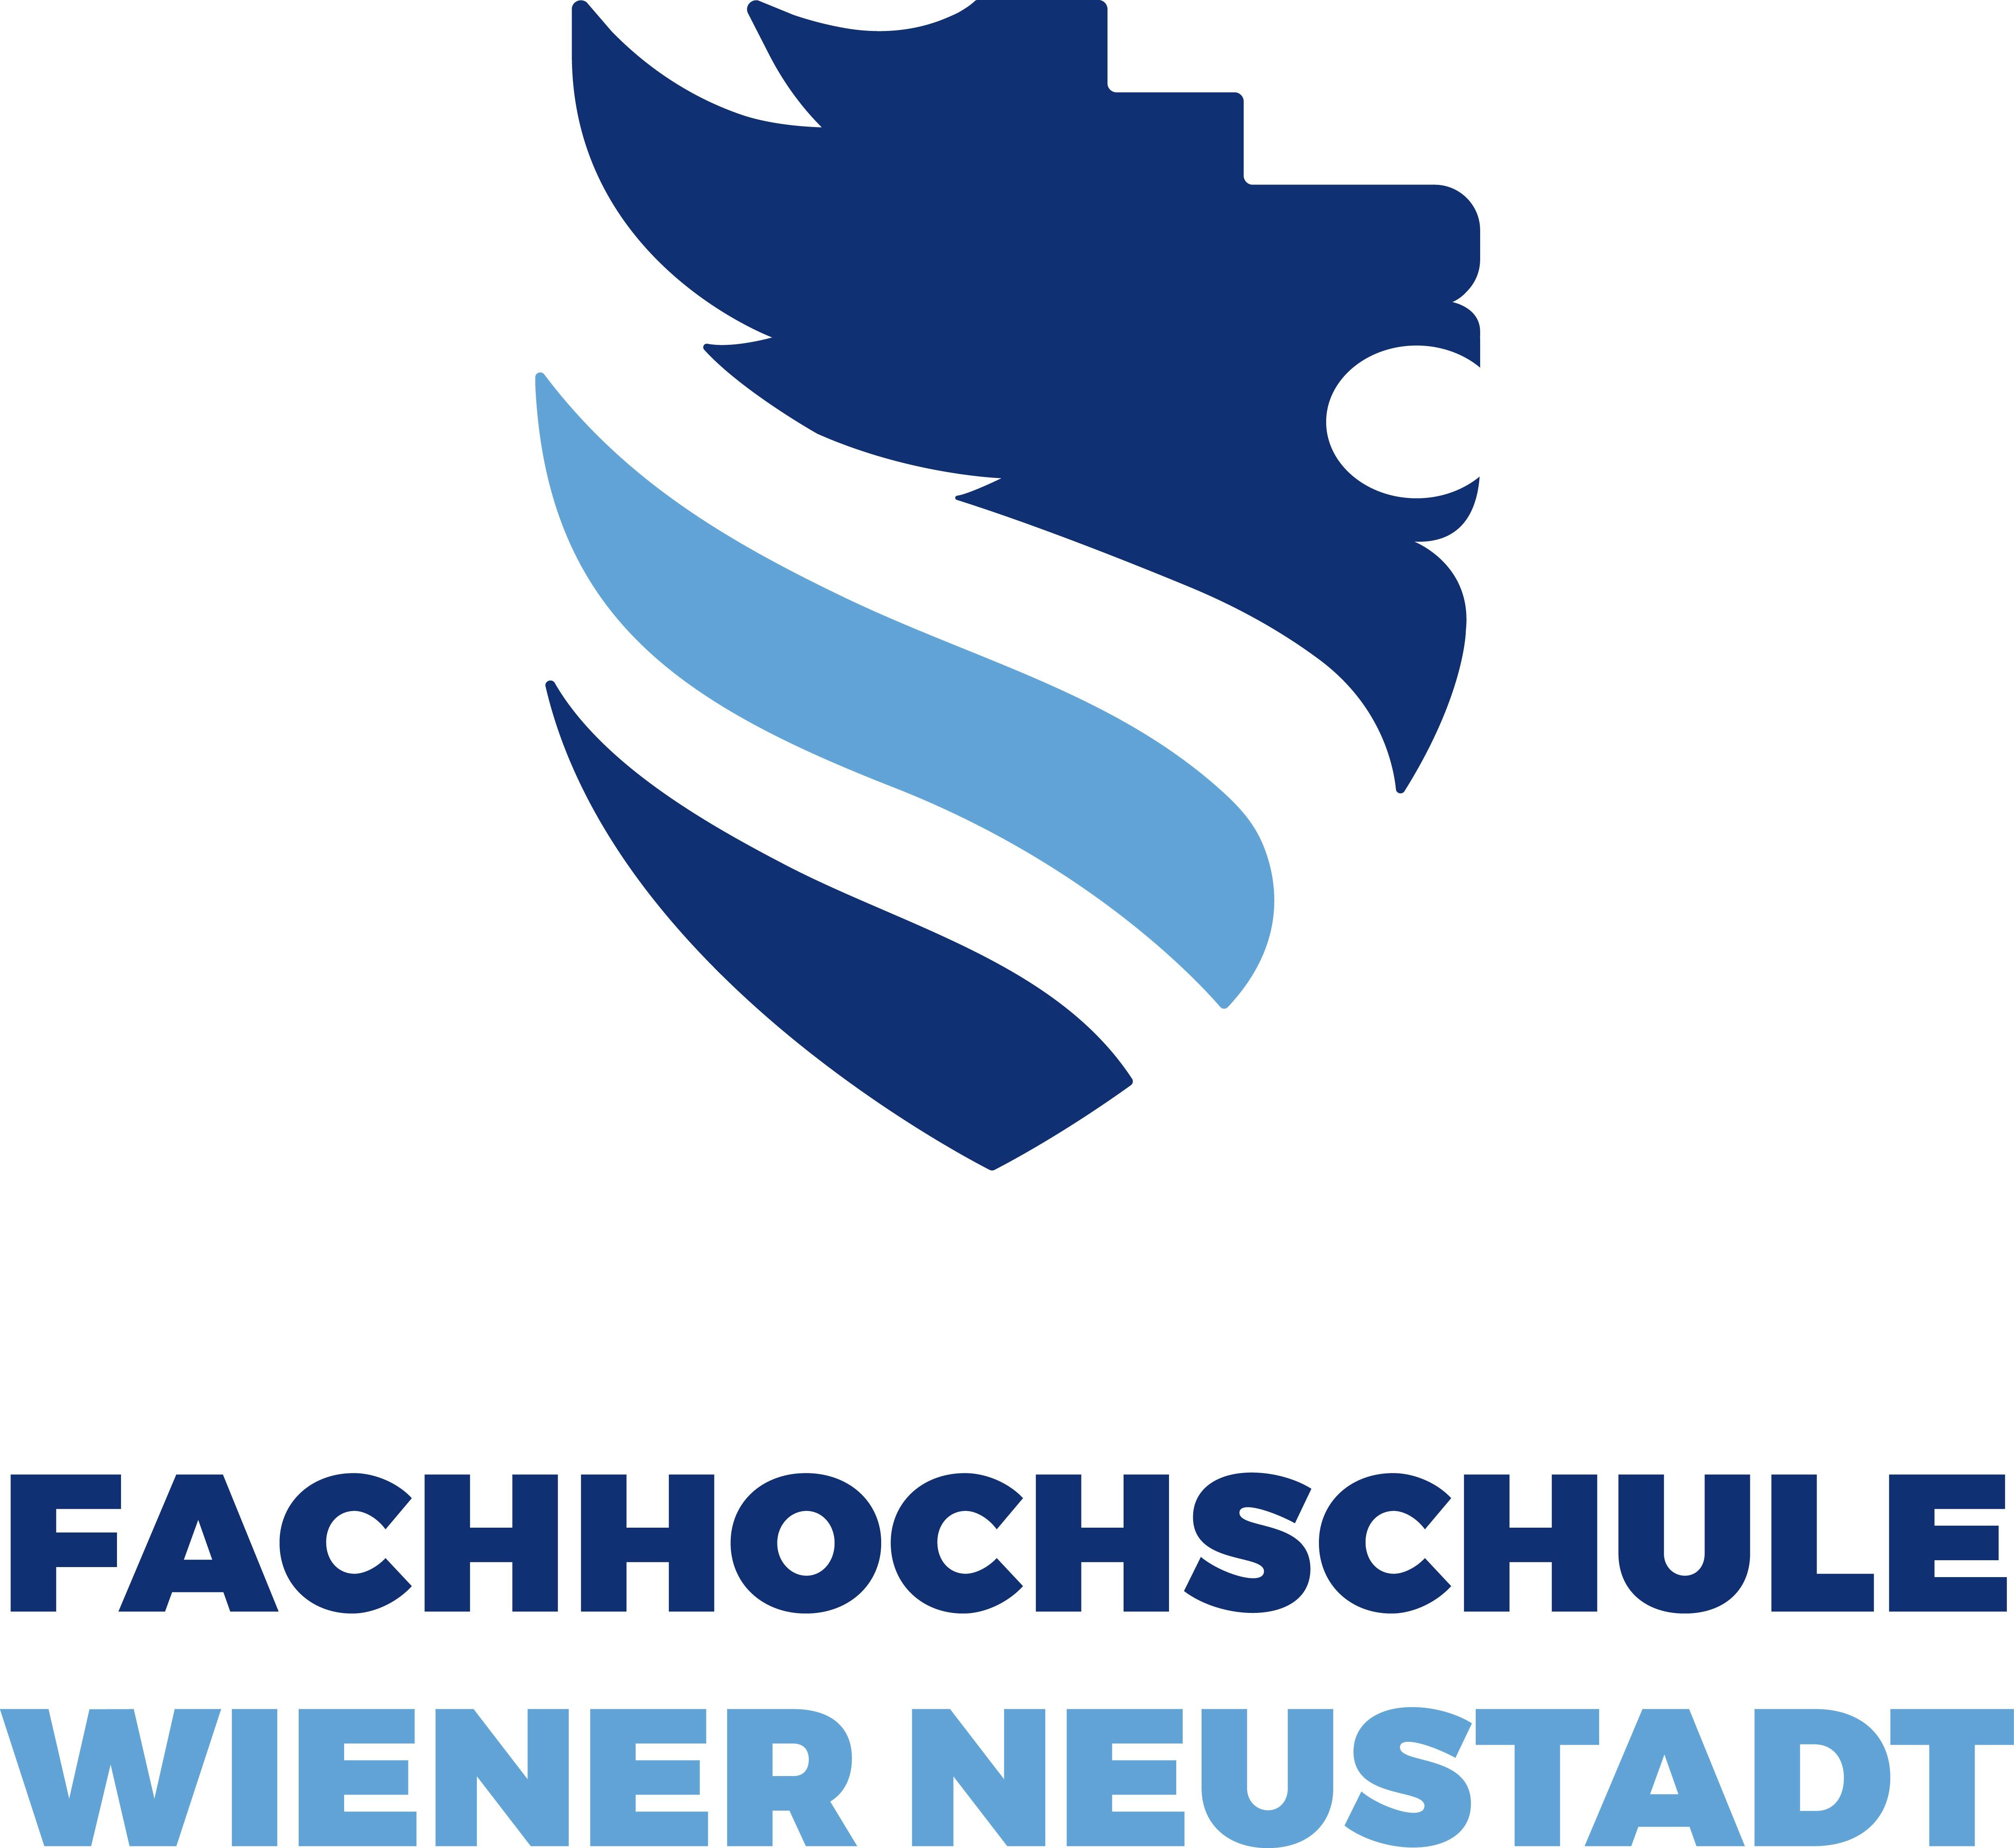 Fachhochschule Wiener Neustadt, Österreich